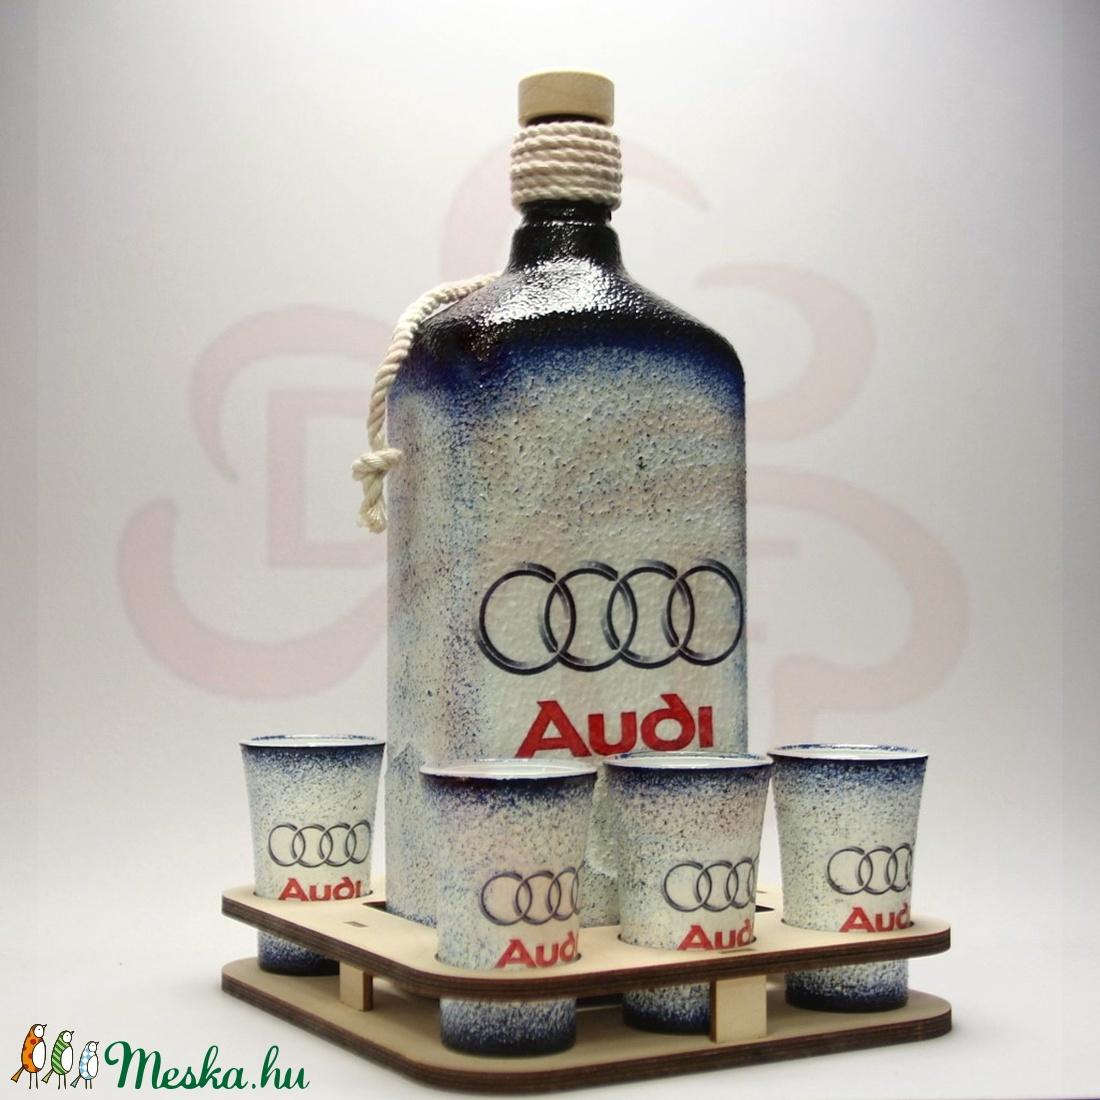 Audi pálinkás készlet ; Audi rajongóknak - Meska.hu